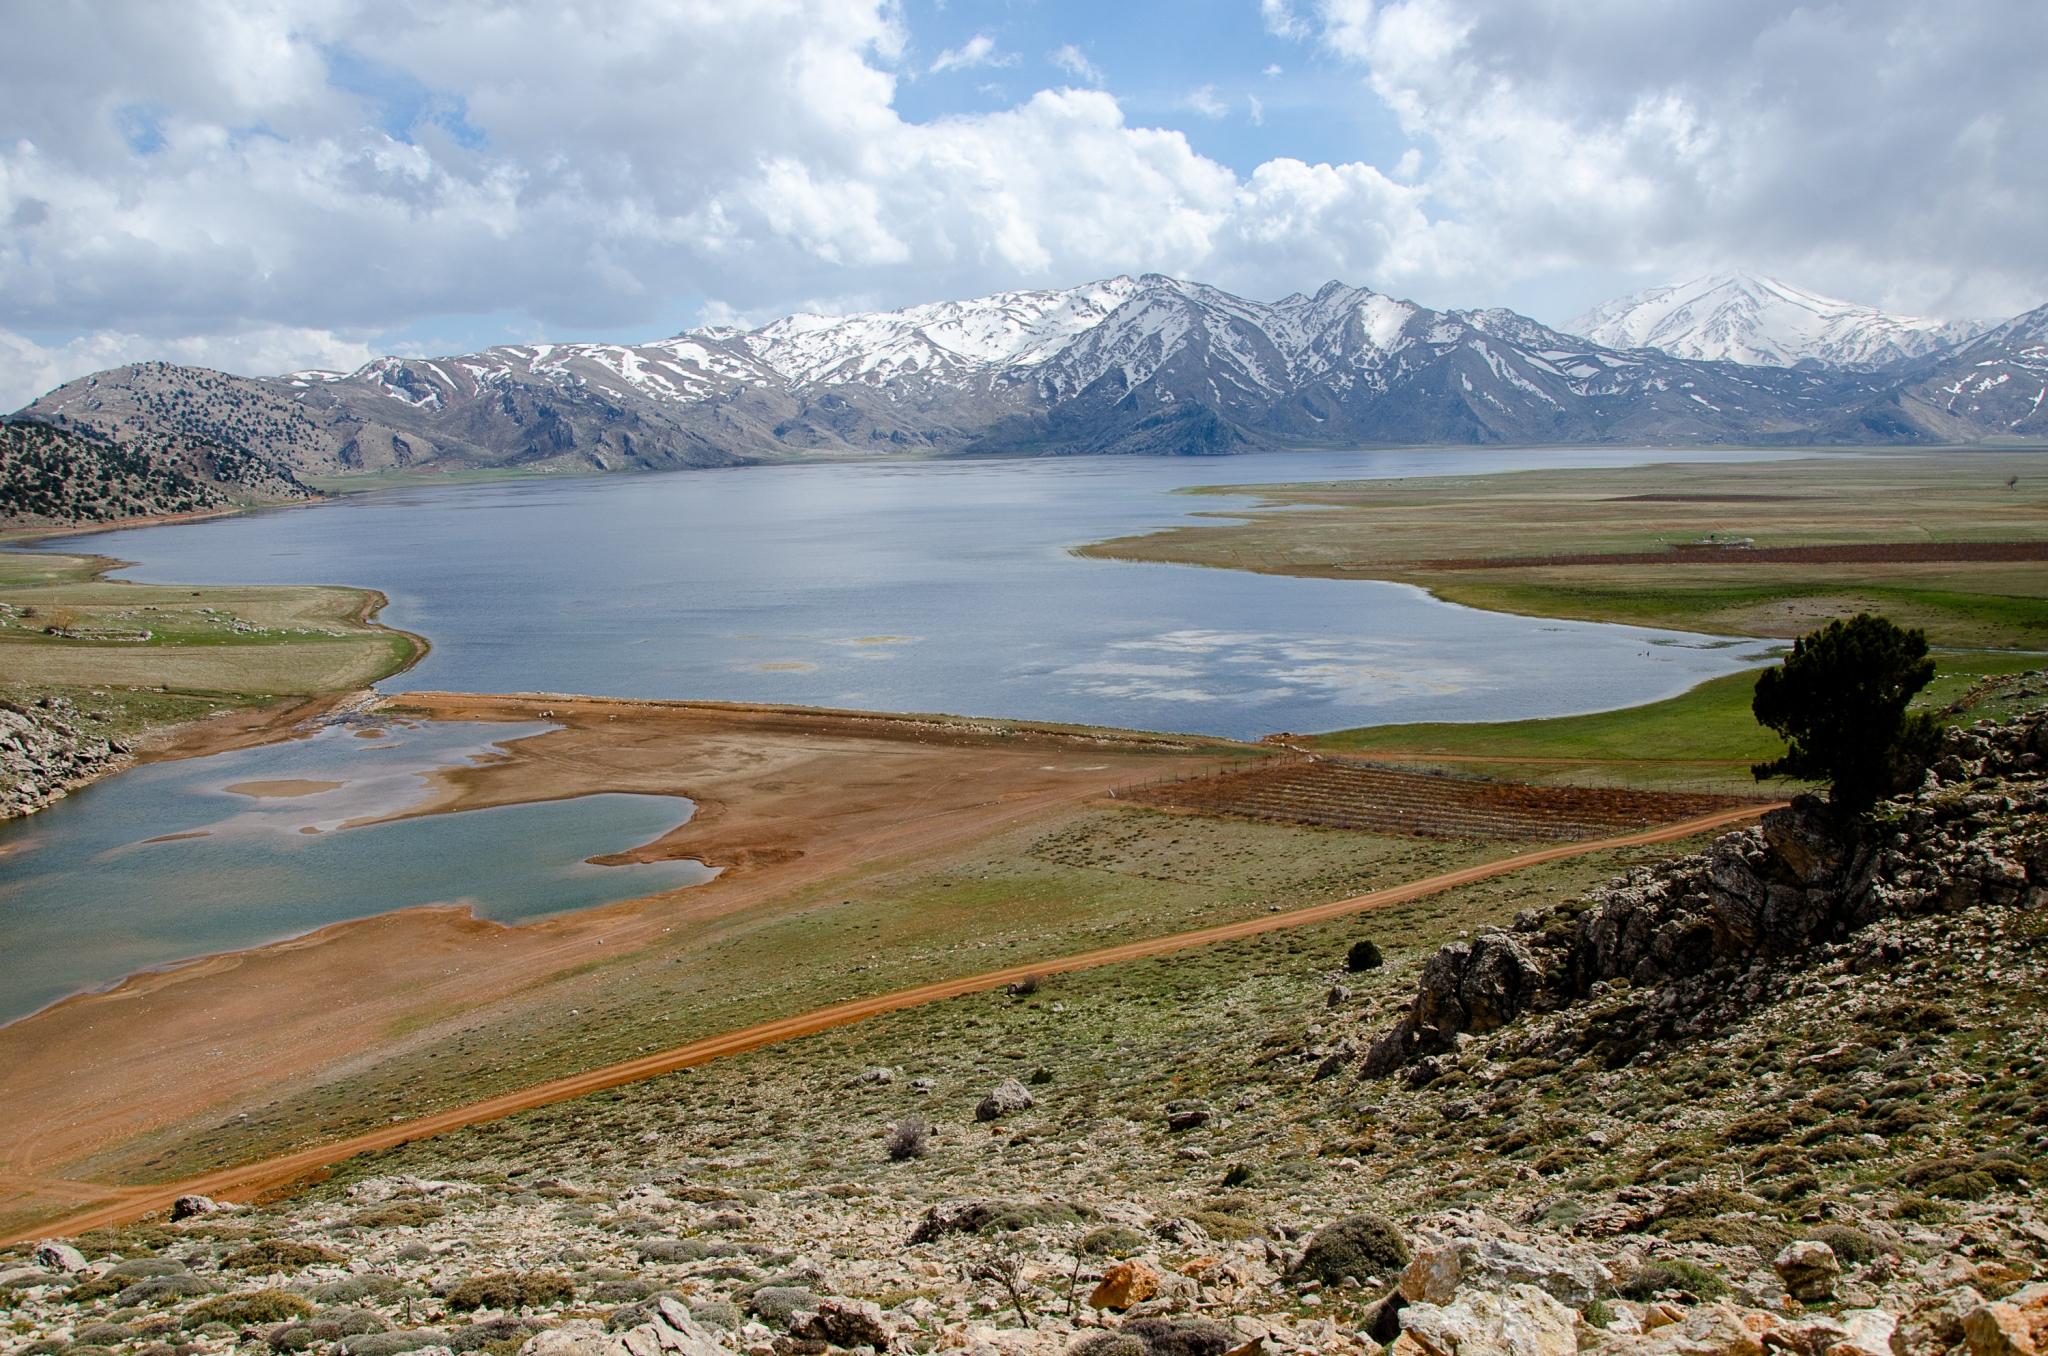 Lake Girdev